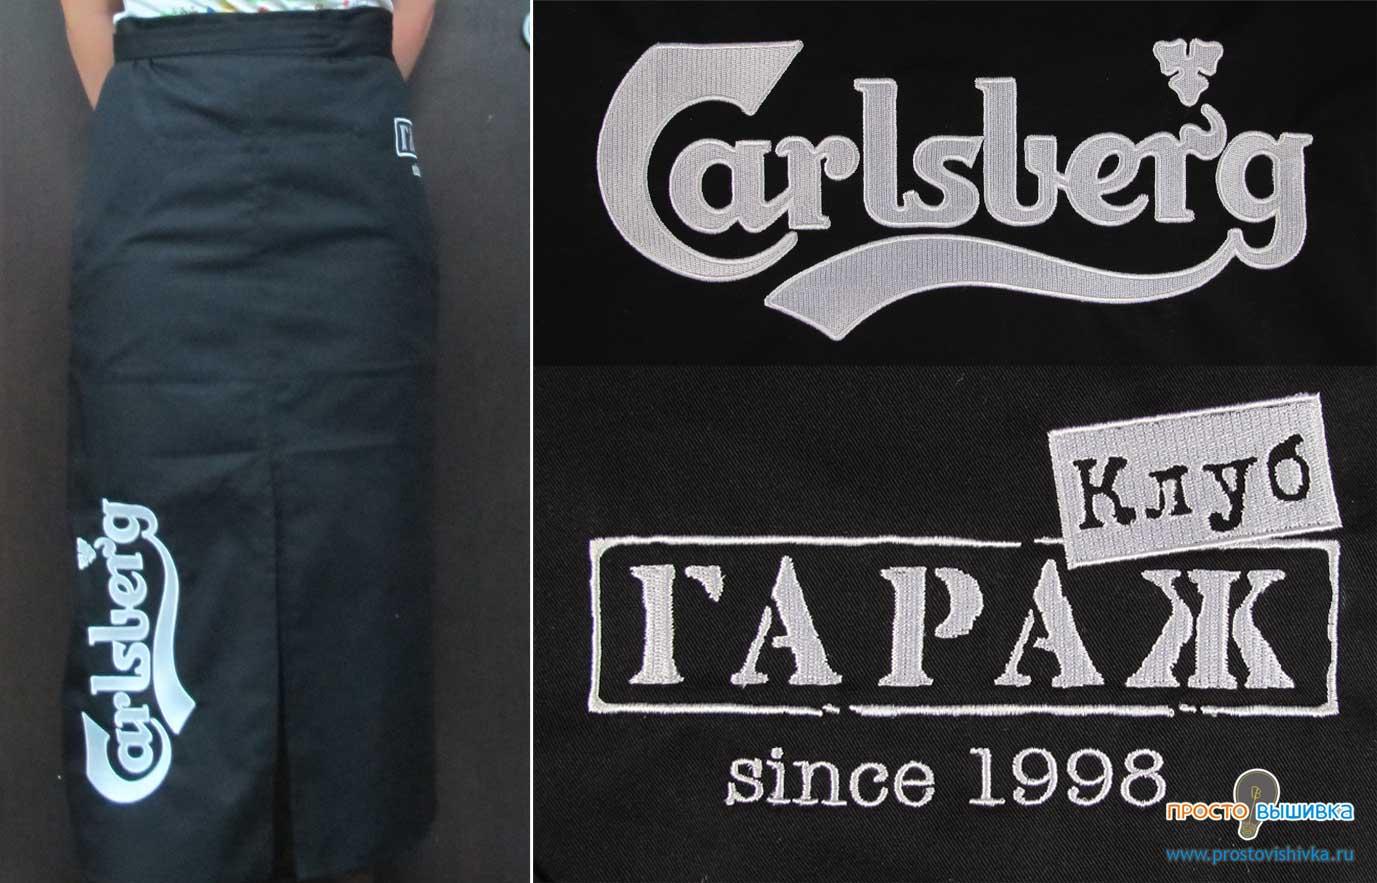 Вышивка логотип на одежде цены